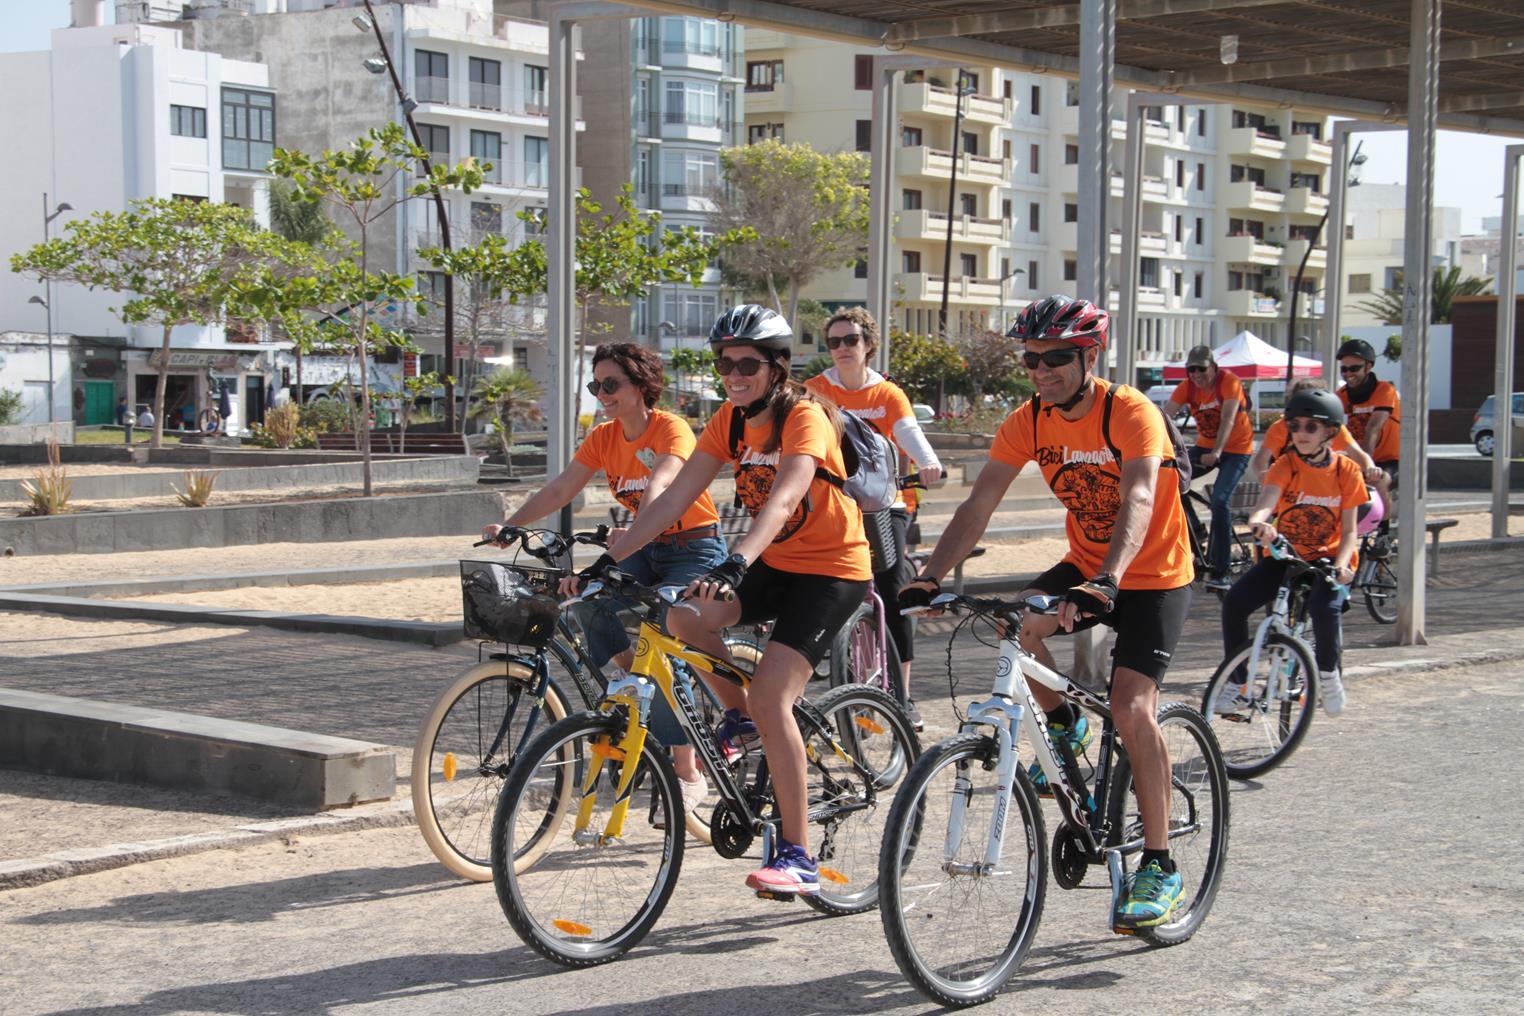 El Cabildo de Lanzarote anima a la población a sumarse a las actividades de 'BiciLanzarote2019' y hacer más visible el uso de la bicicleta como medio de desplazamiento y movilidad más sostenible en las ciudades